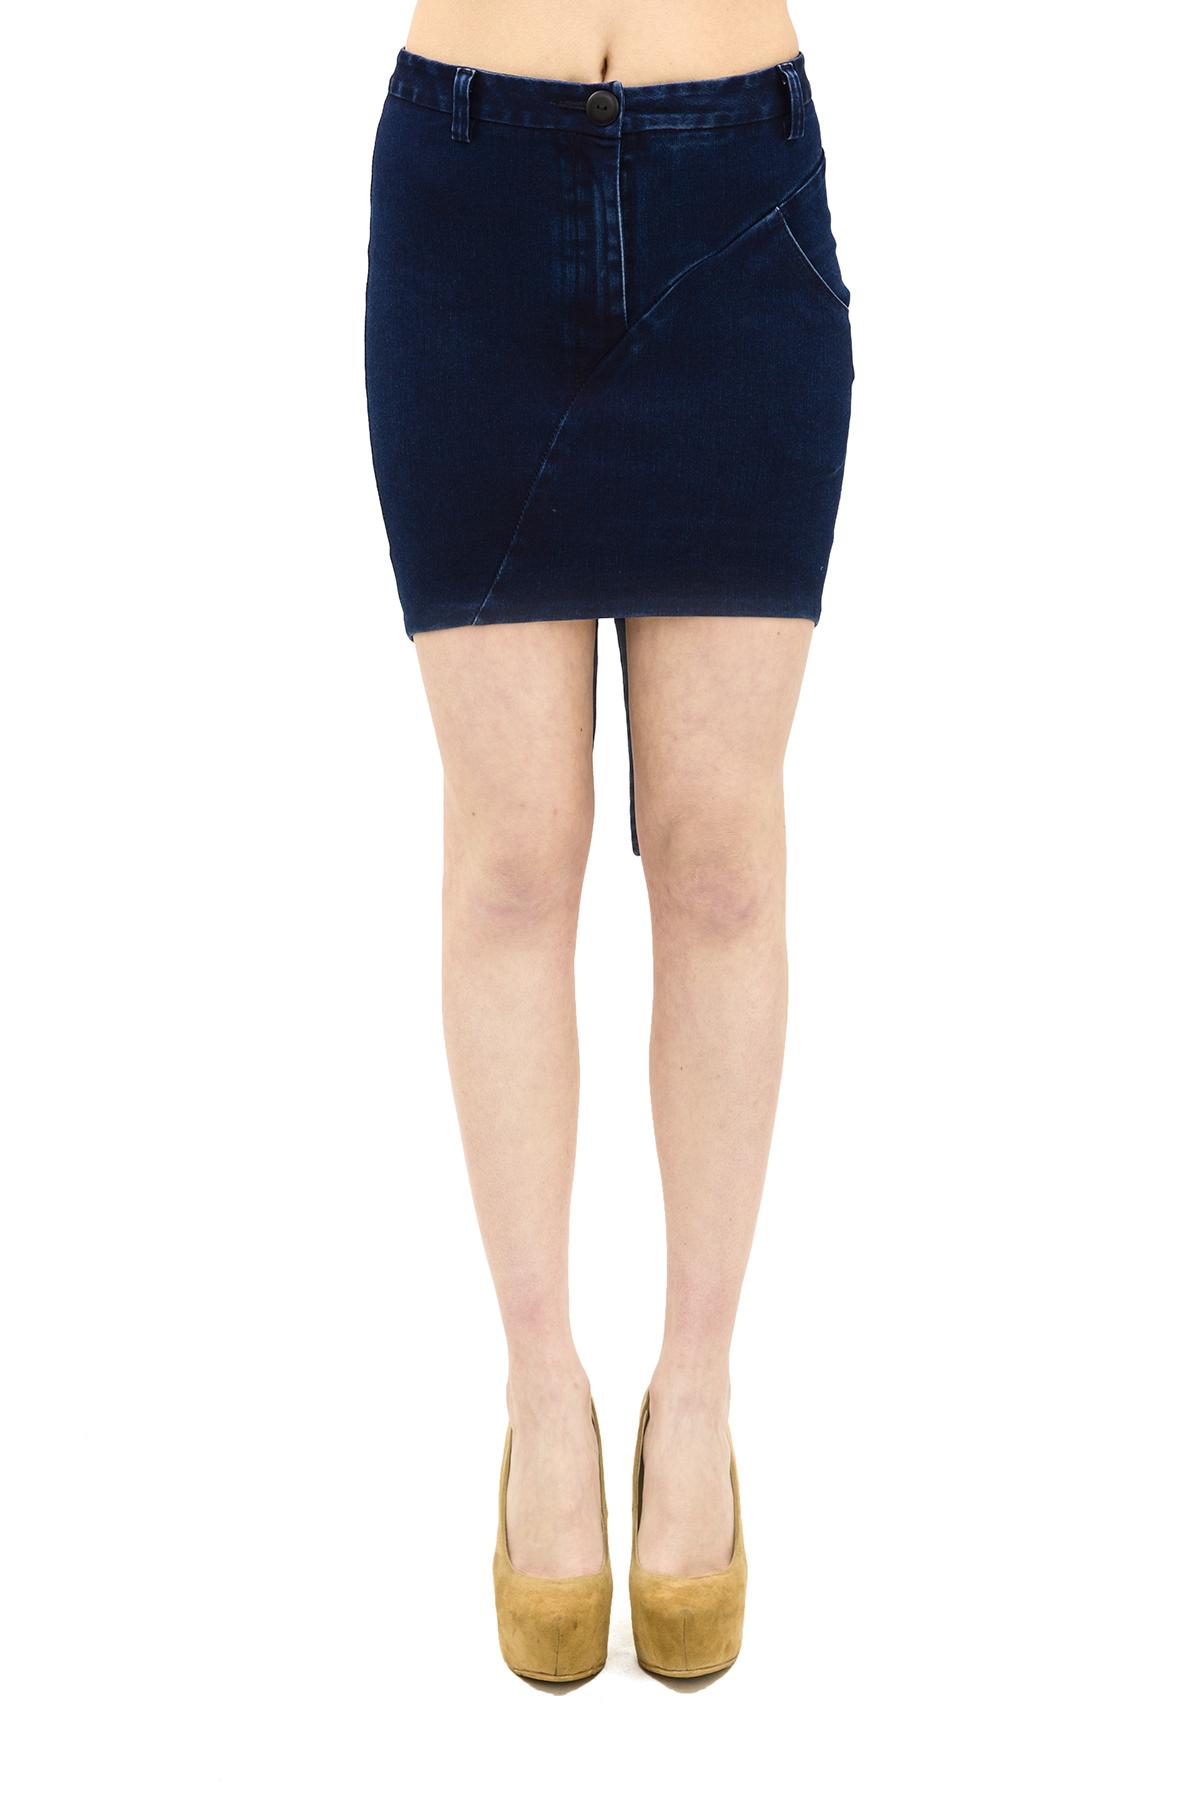 ЮбкаЖенские юбки и брюки<br>Эффектная джинсовая юбкаDoctor E- прекрасный вариант. Такая вещь смотрится очень стильно и женственно. Модель выглядит соблазнительно, подчеркивая красивые очертания фигуры. Осталось только дополнить этот образ изысканным  топом или же ультрамодной футб<br><br>Цвет: синий<br>Состав: 76 % хлопок, 21% полиэстер, 3% эластан<br>Размер: 38,40,42,44,46,48<br>Страна дизайна: Россия<br>Страна производства: Россия